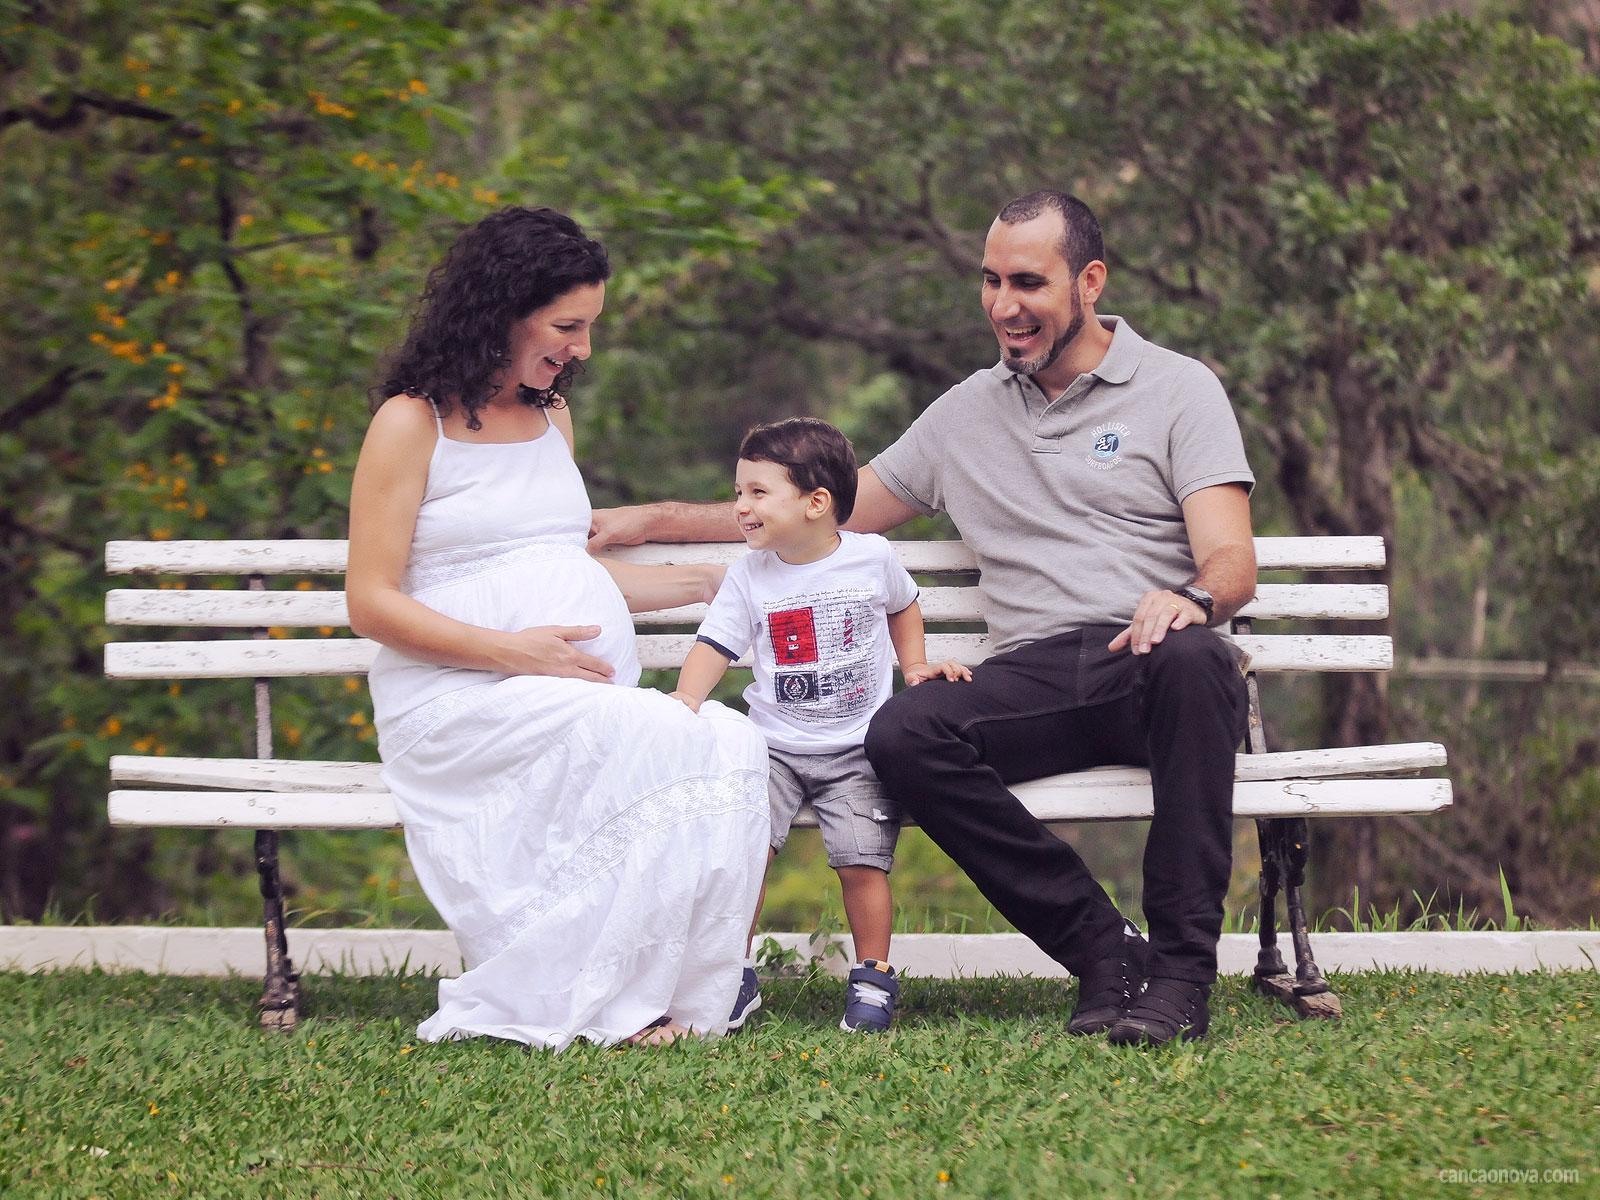 -A-Igreja-Católica-permite-planejar-o-número-de-filhos